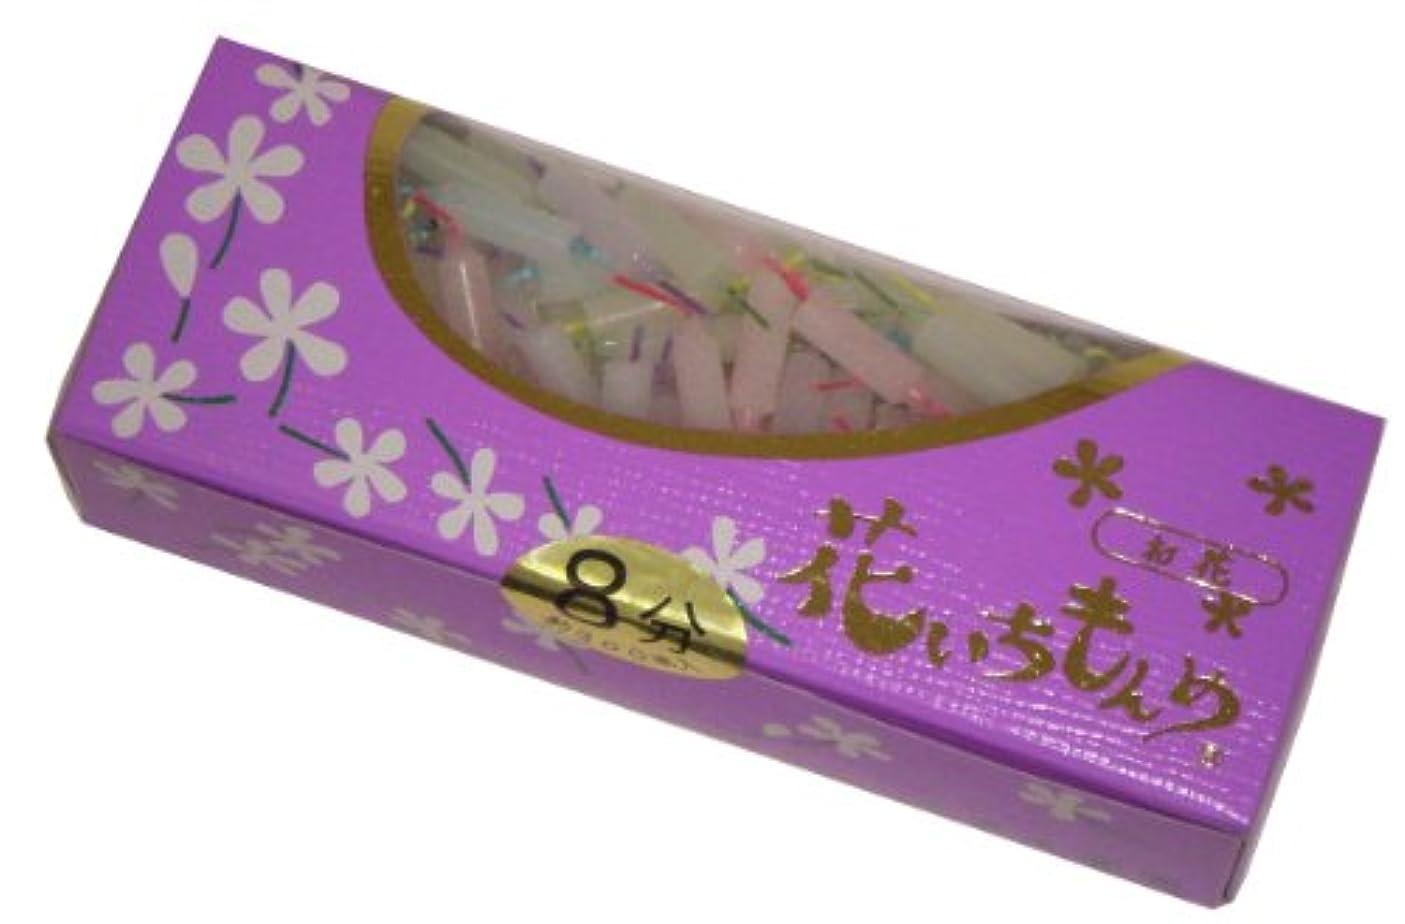 かろうじて見捨てられた強制的佐藤油脂のローソク 花いちもんめ カラー 8分 約300本入